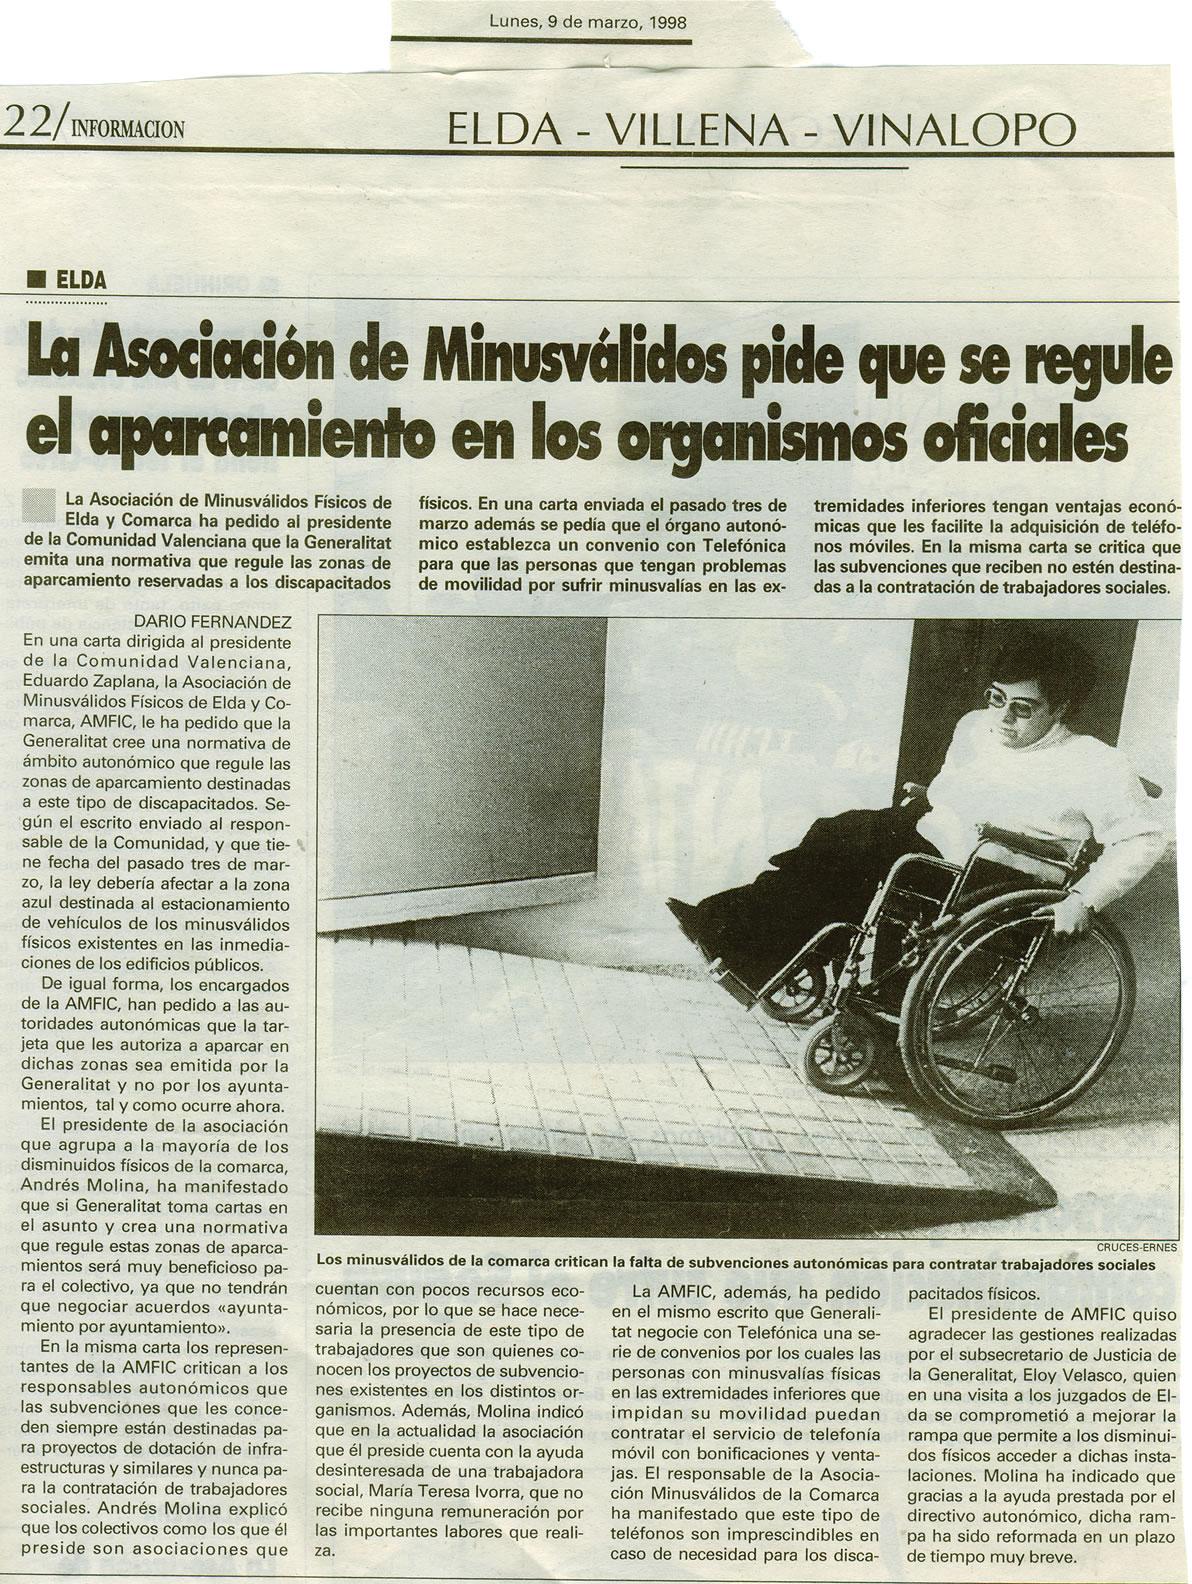 Información, 9 de marzo de 1998 La Asociación de Minusválidos pide que se regule el aparcamiento en los organismos oficiales